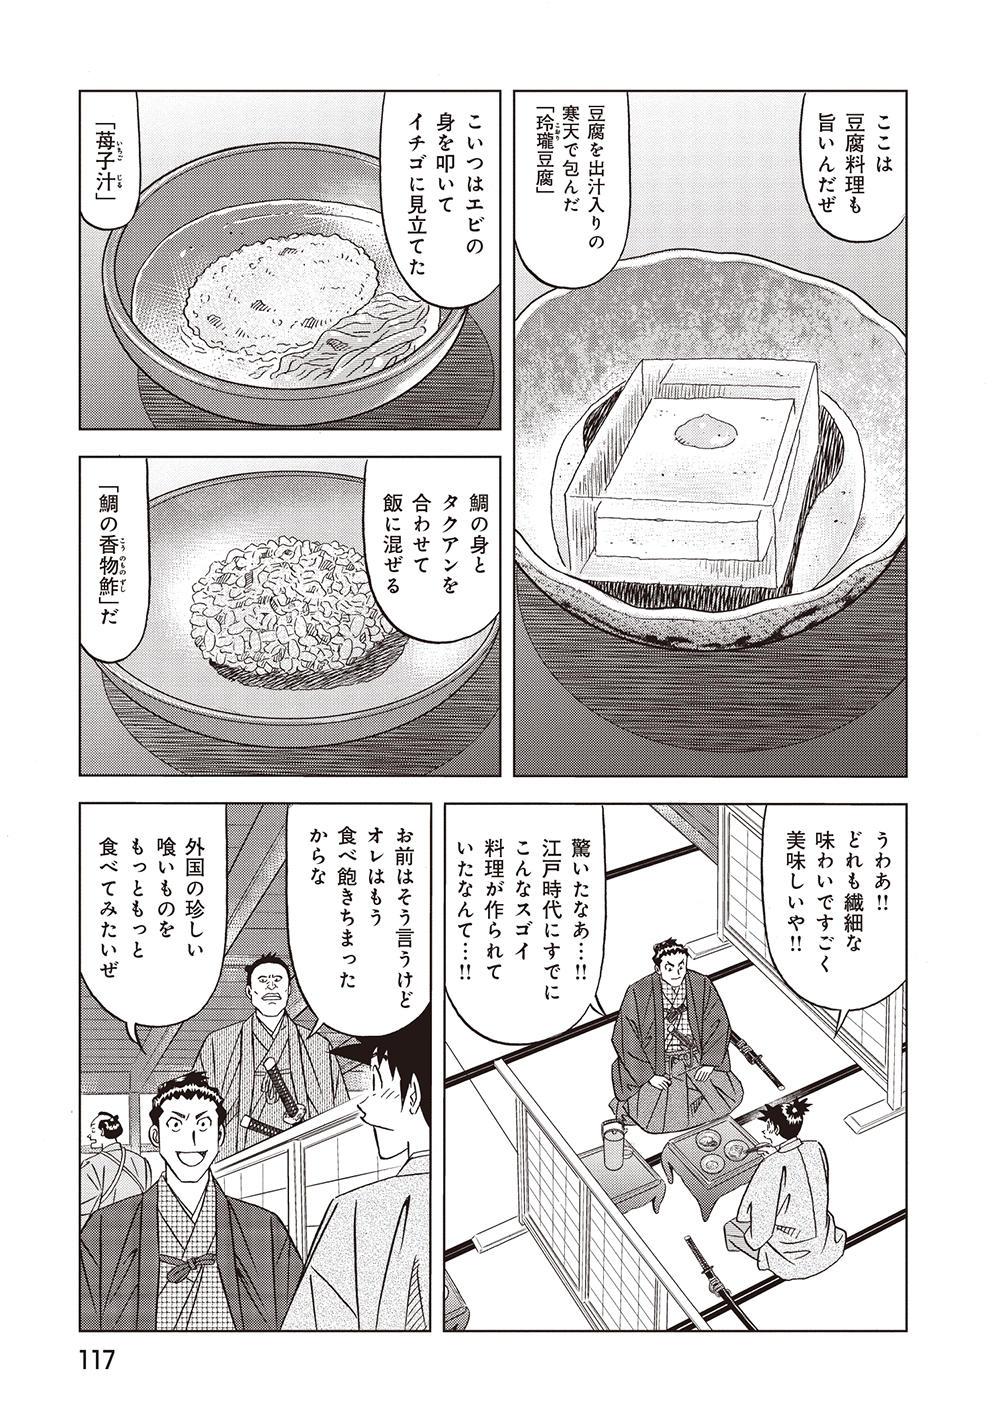 味っ子01_P117.jpg